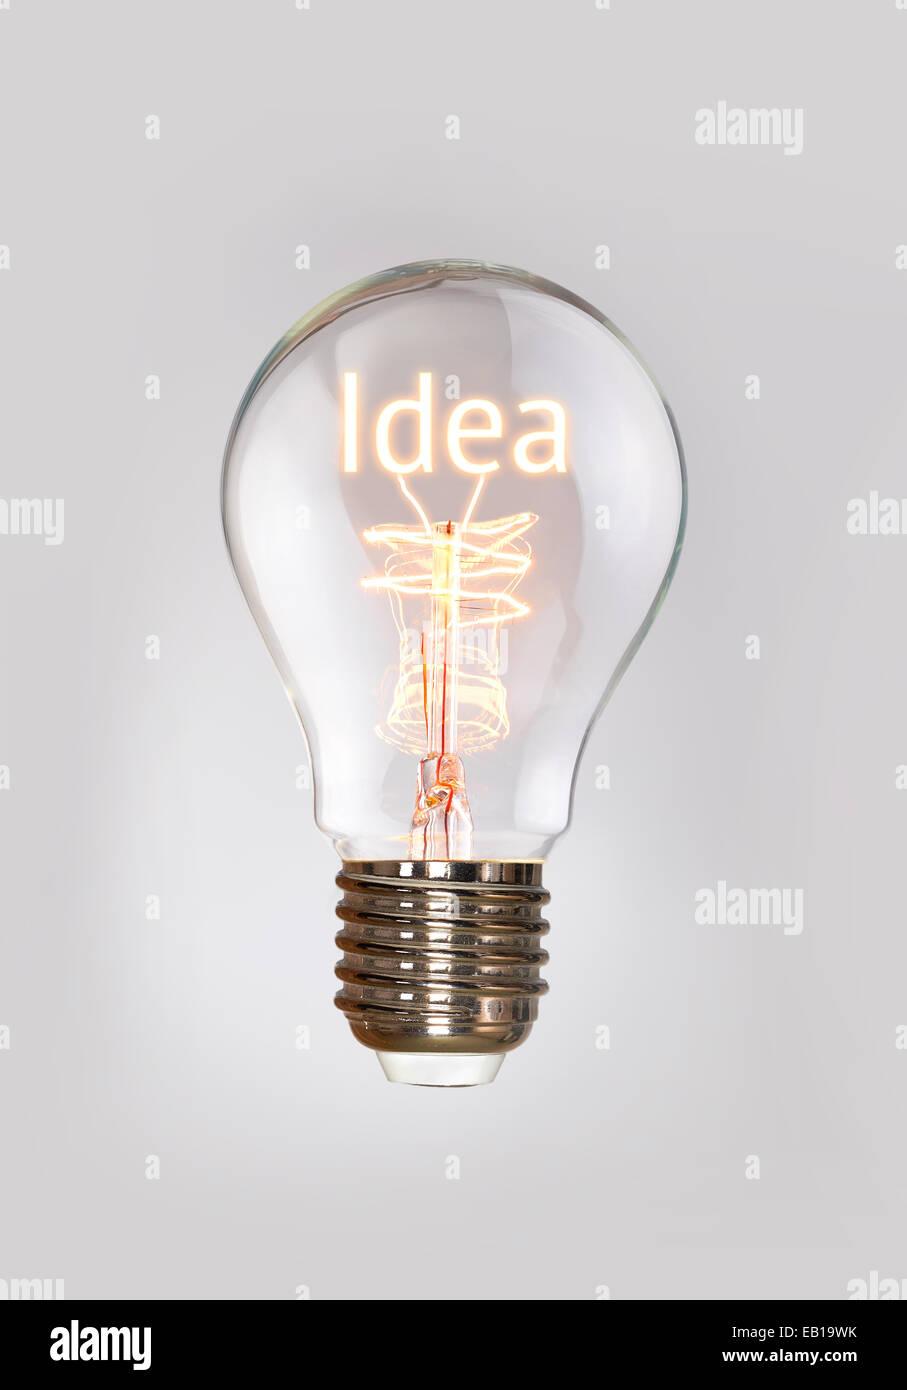 Concetto di idee in un filamento lampadina. Immagini Stock